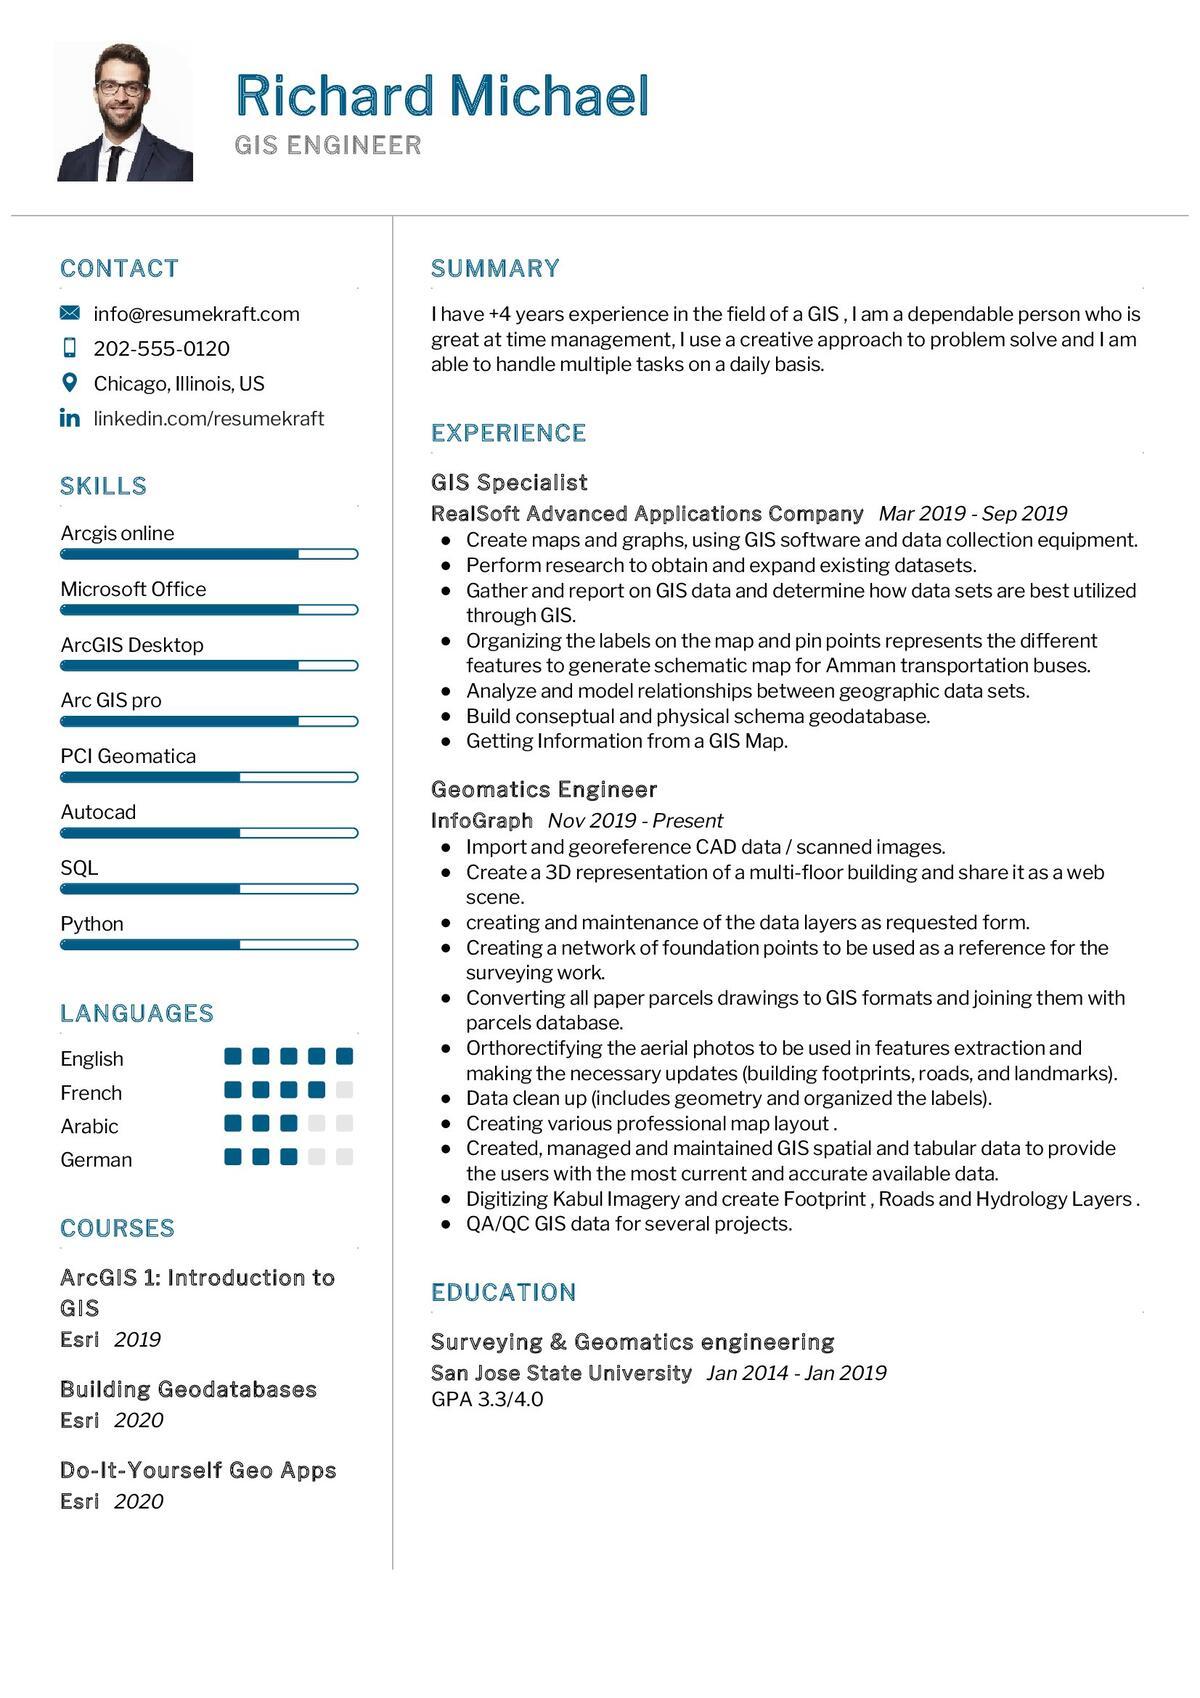 GIS Engineer CV Sample